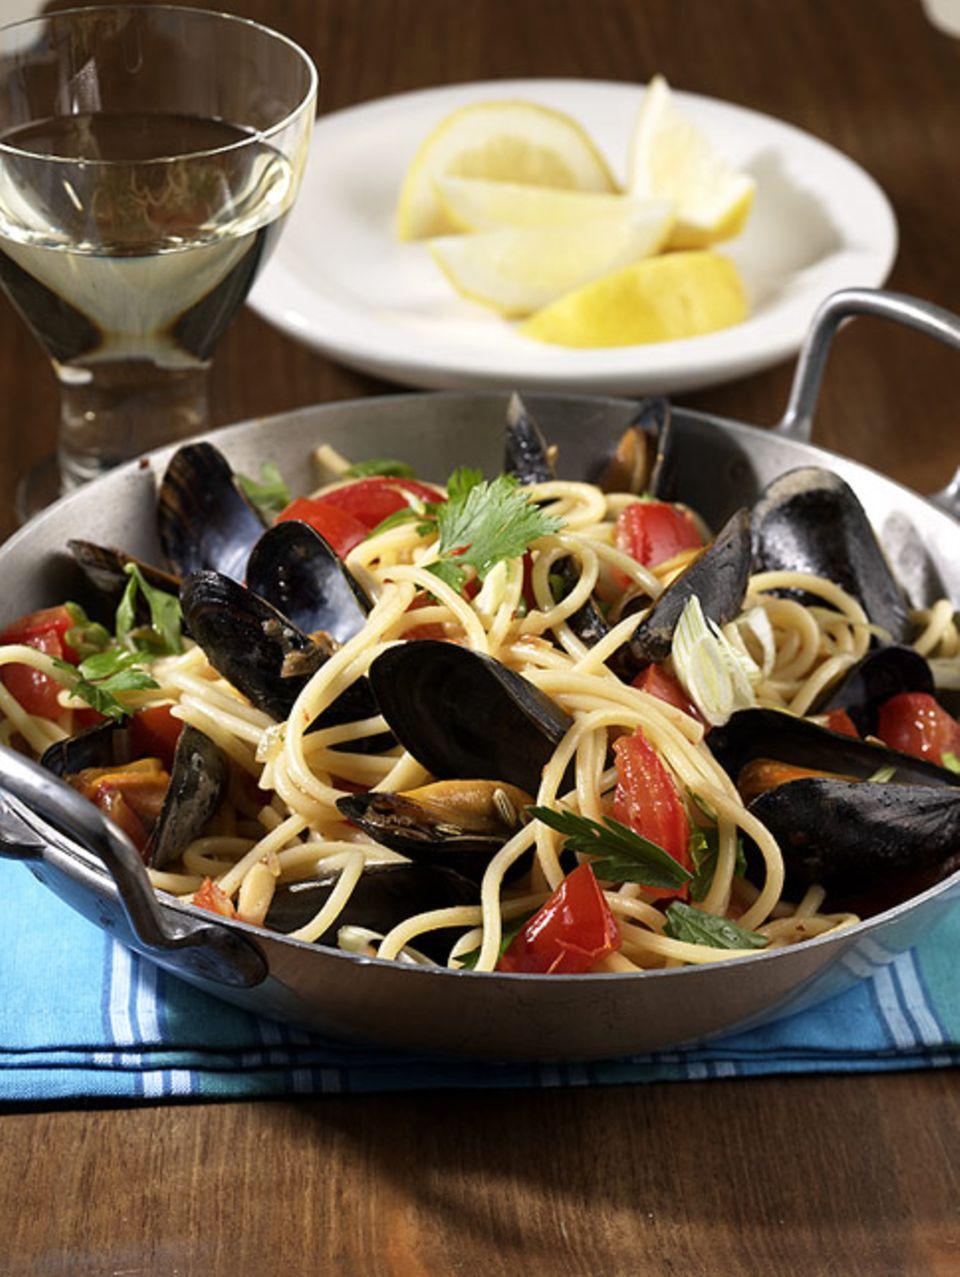 Haricot de mer passt gut zu Spaghetti mit Meeresfrüchten